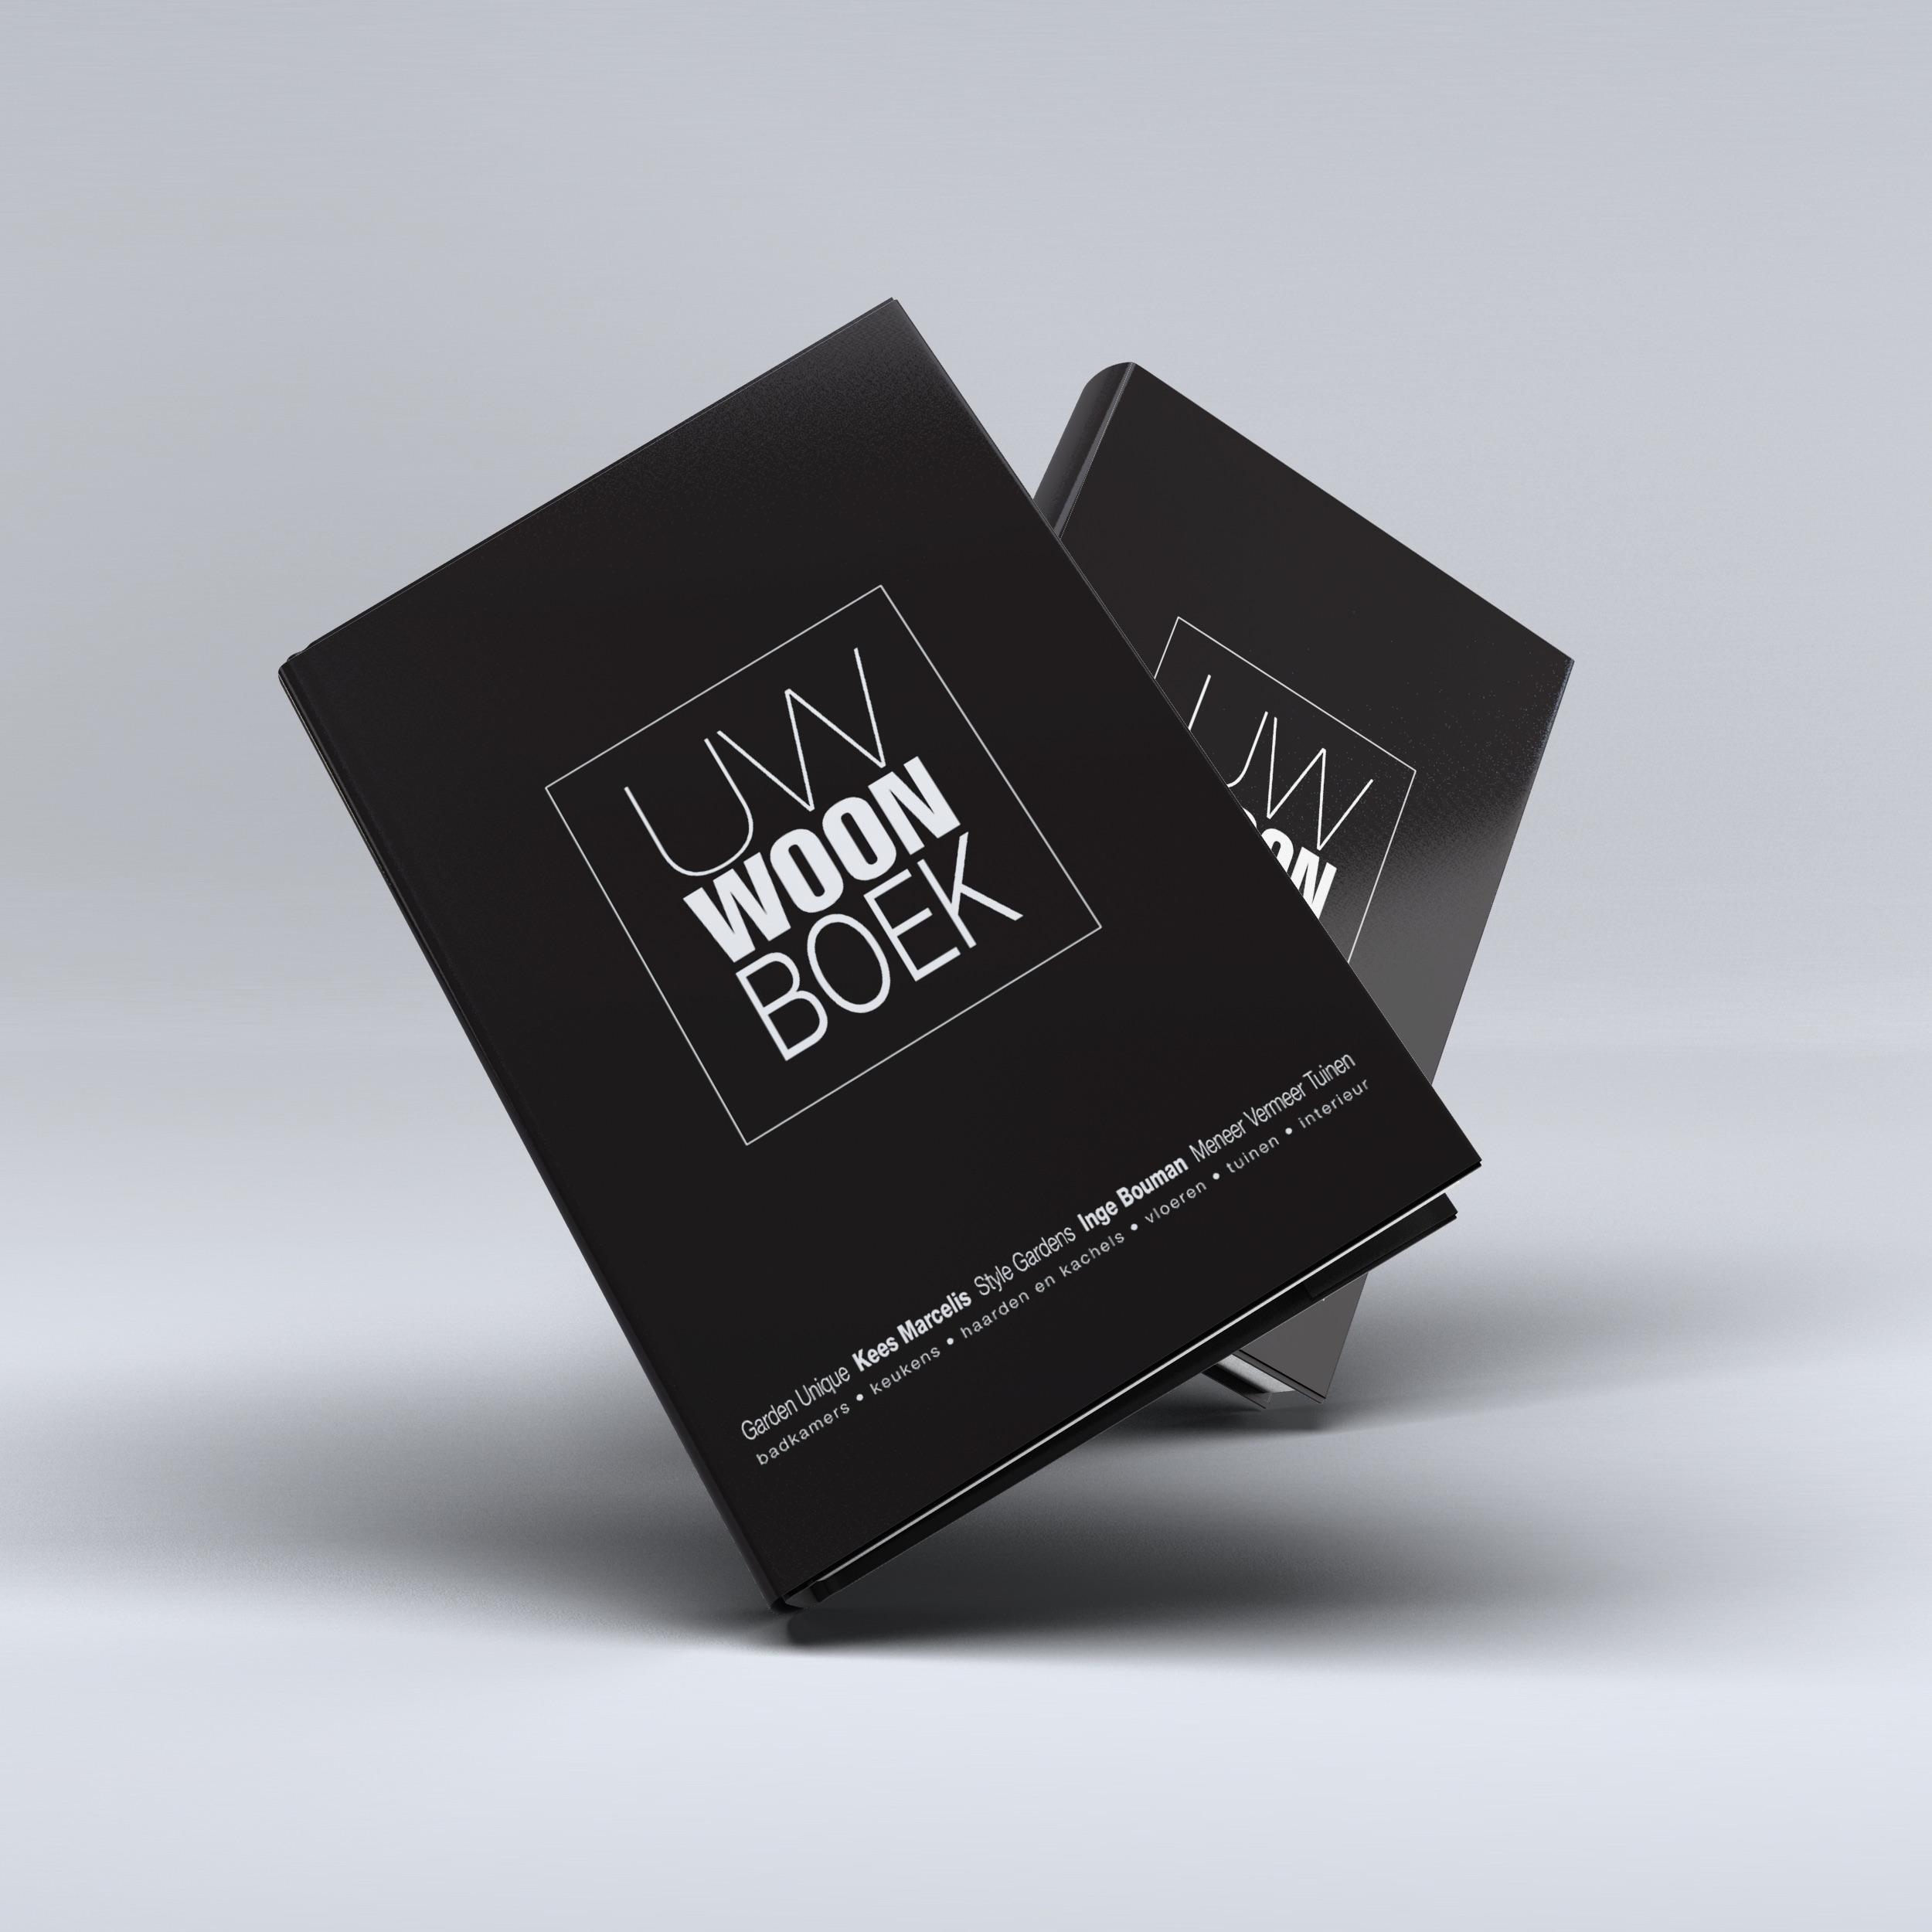 Het UW Woonboek is een schitterend interieurboek voor alle interieur liefhebbers. Bestel het nu en geef het cadeau voor de kerst! #kerst #kerstcadeaus #interieur #interieurdesign #interieurinspiratie #woonboek #uwwoonboek